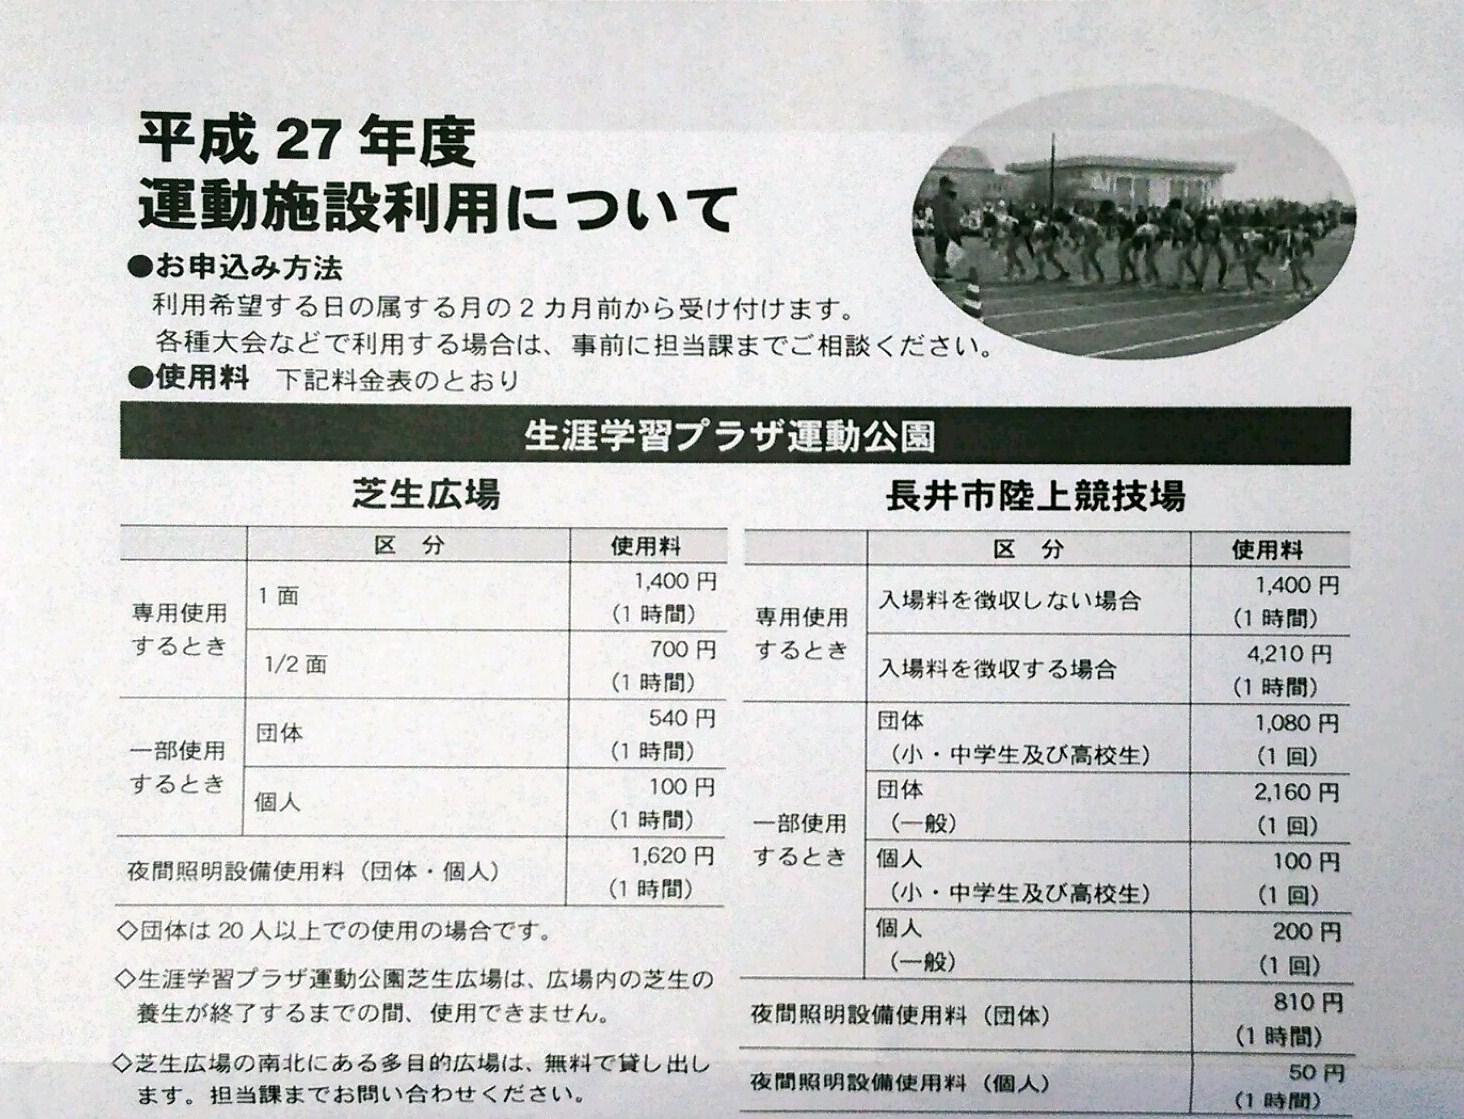 長井市陸上競技場 料金